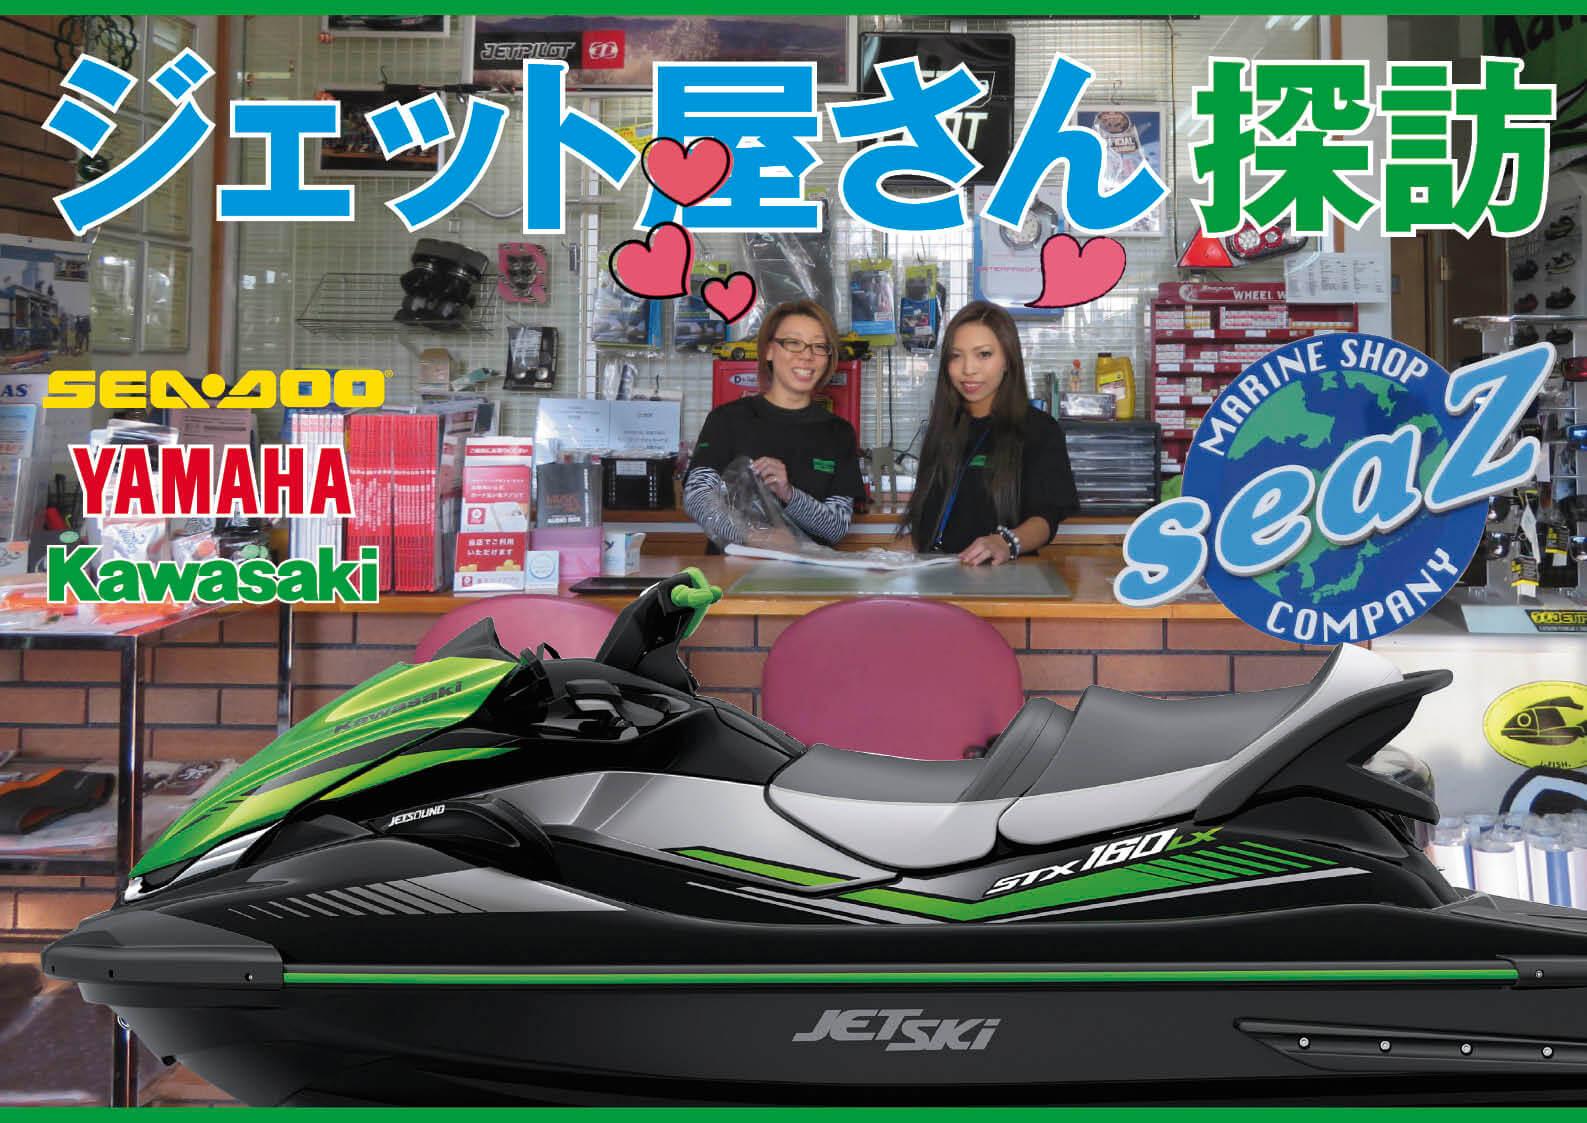 全国の良いジェットショップだけを紹介するコーナー「シーゼットカンパニー」ジェットスキー(水上バイク)